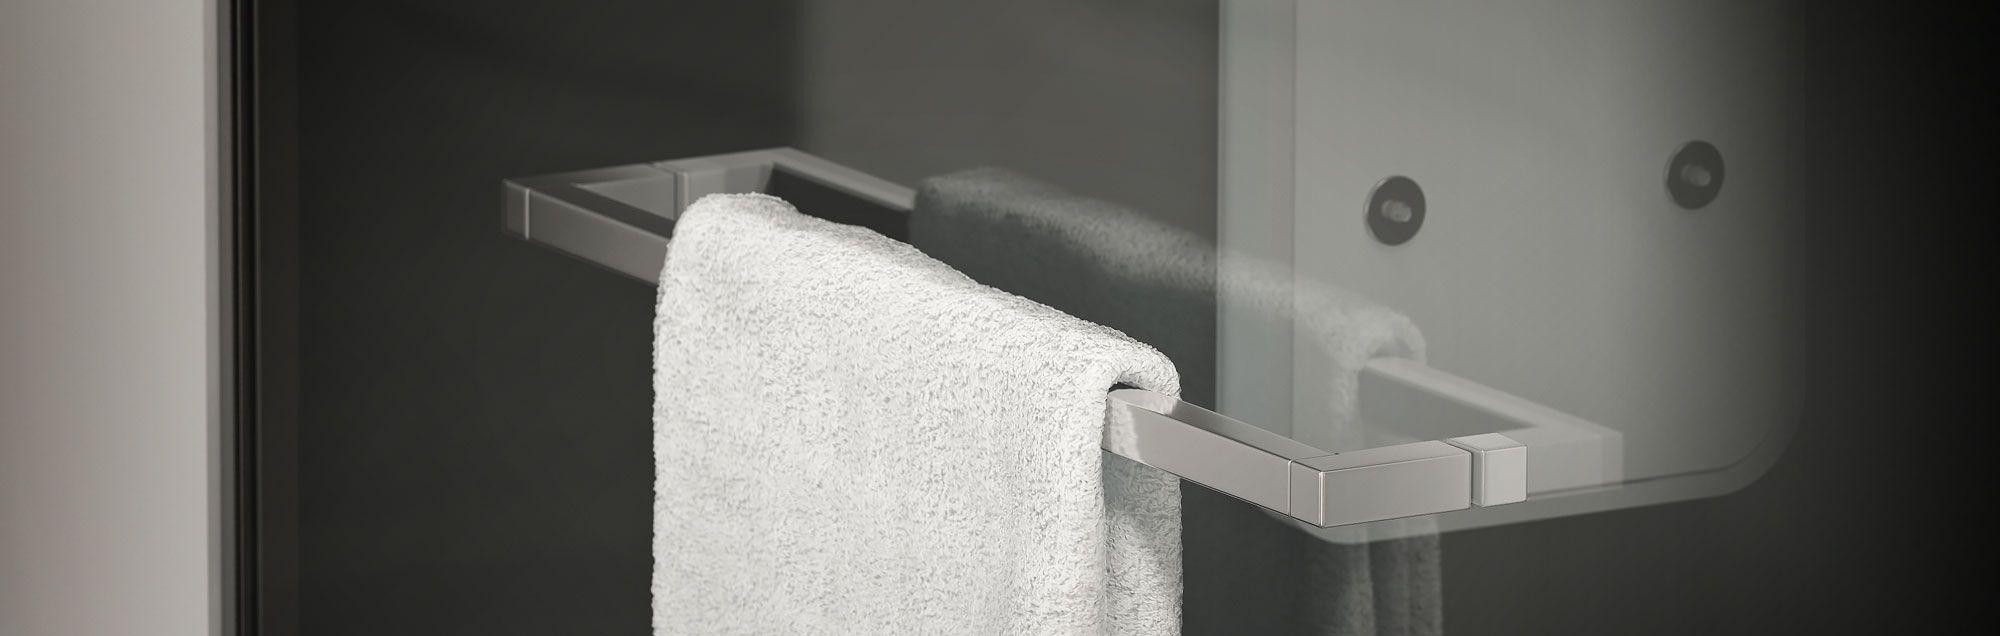 Serie Alhambra de mamparas walk-in de bañera a medida